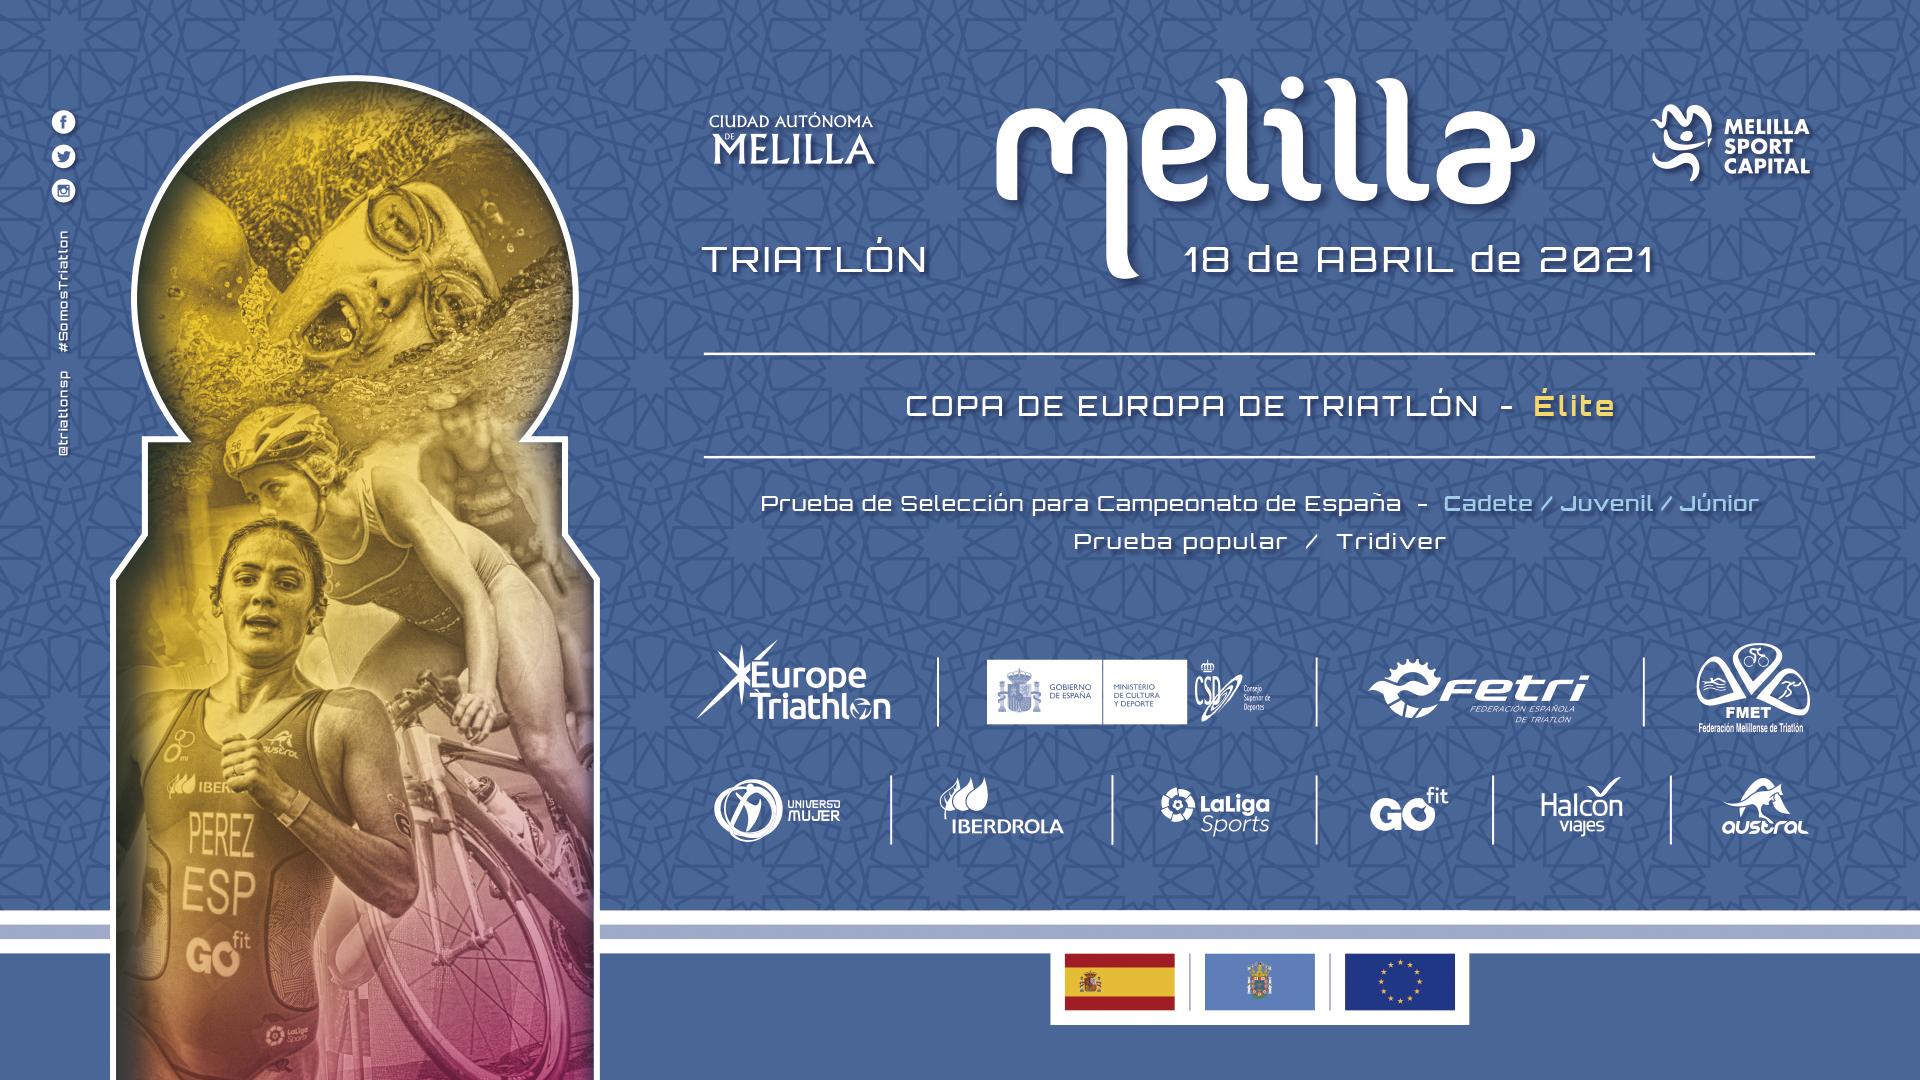 Arranque español para la Copa de Europa de Triatlón en Melilla el próximo 18 de abril